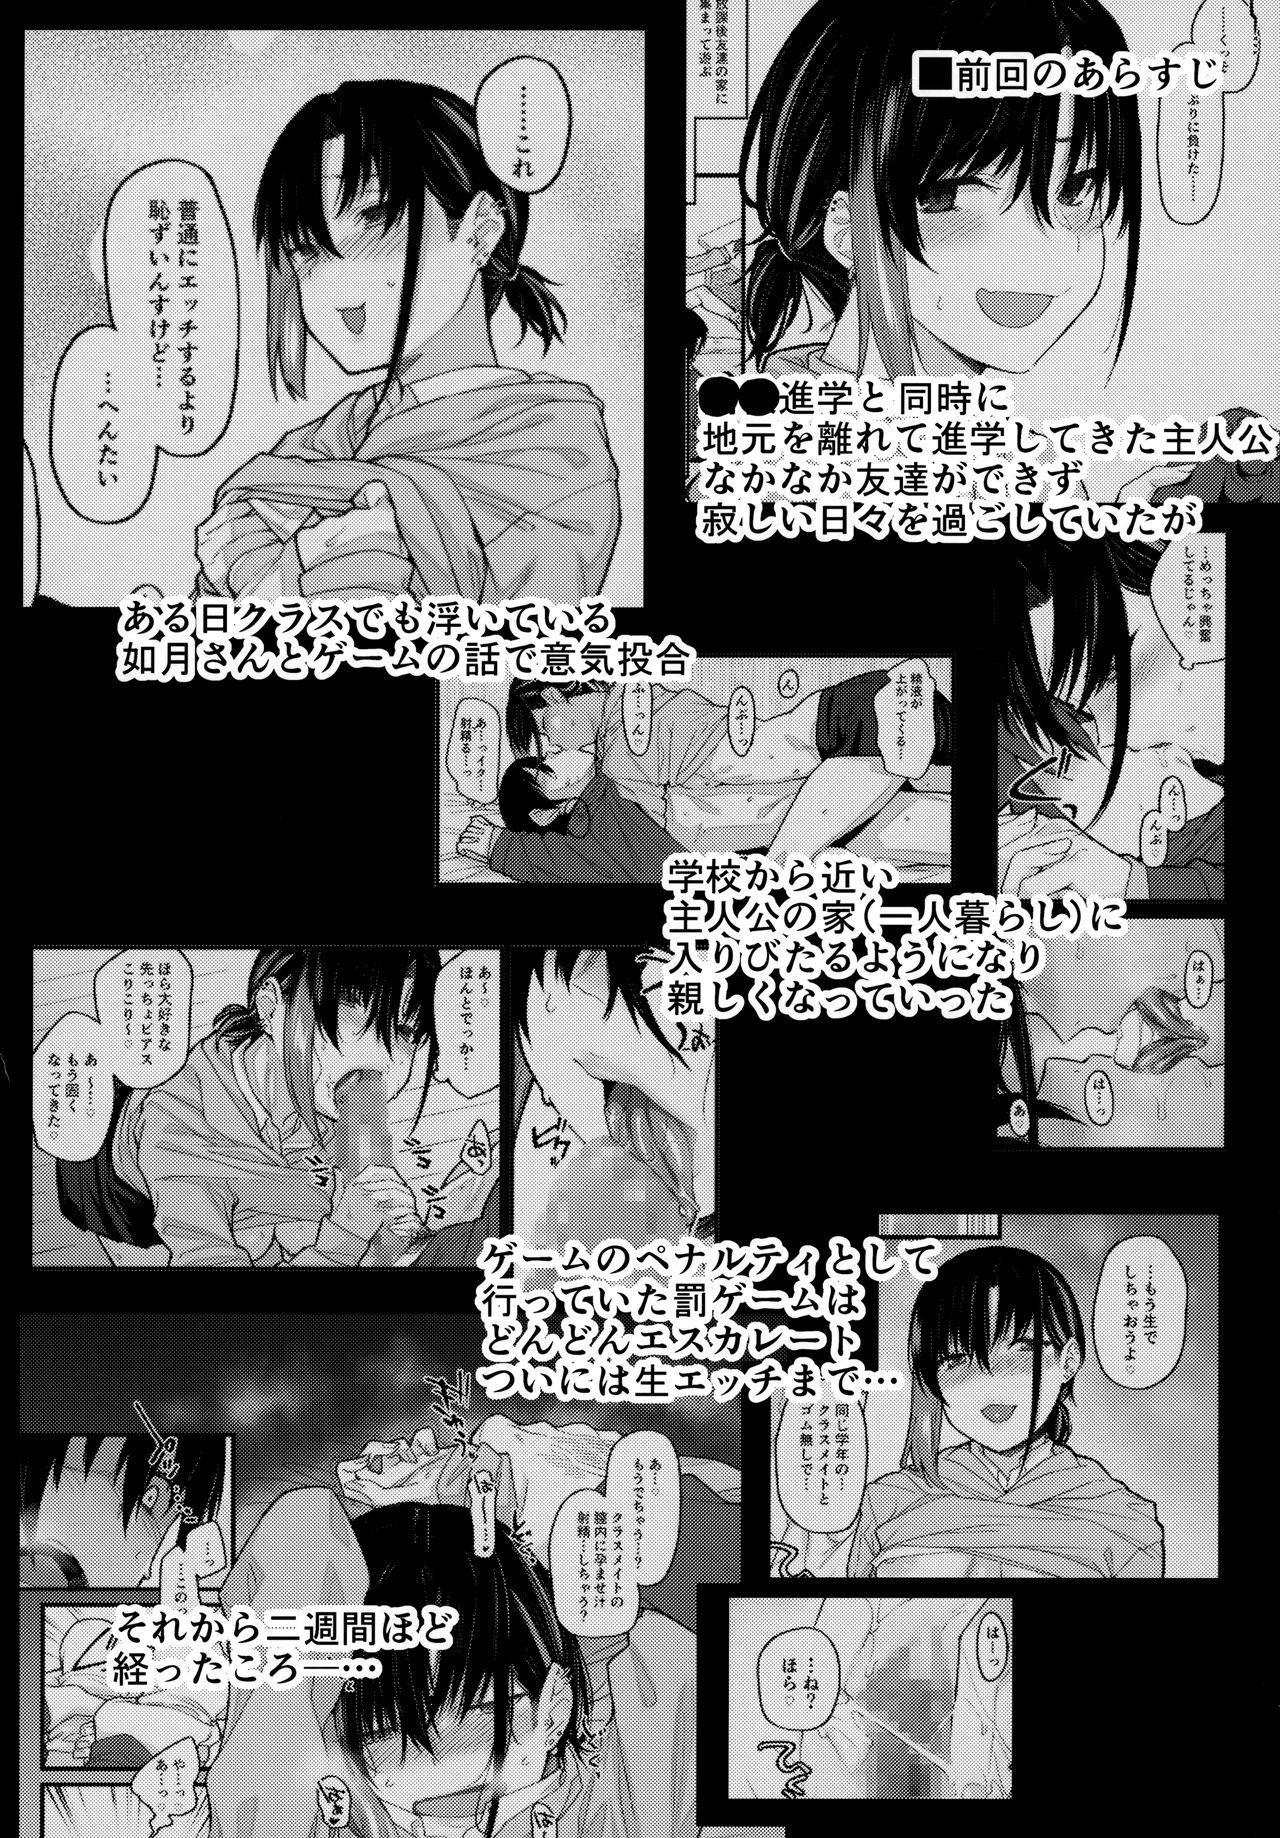 Boku no Ie ga Class no Furyou Musume ni Iribitararete iru Ken. 2 2